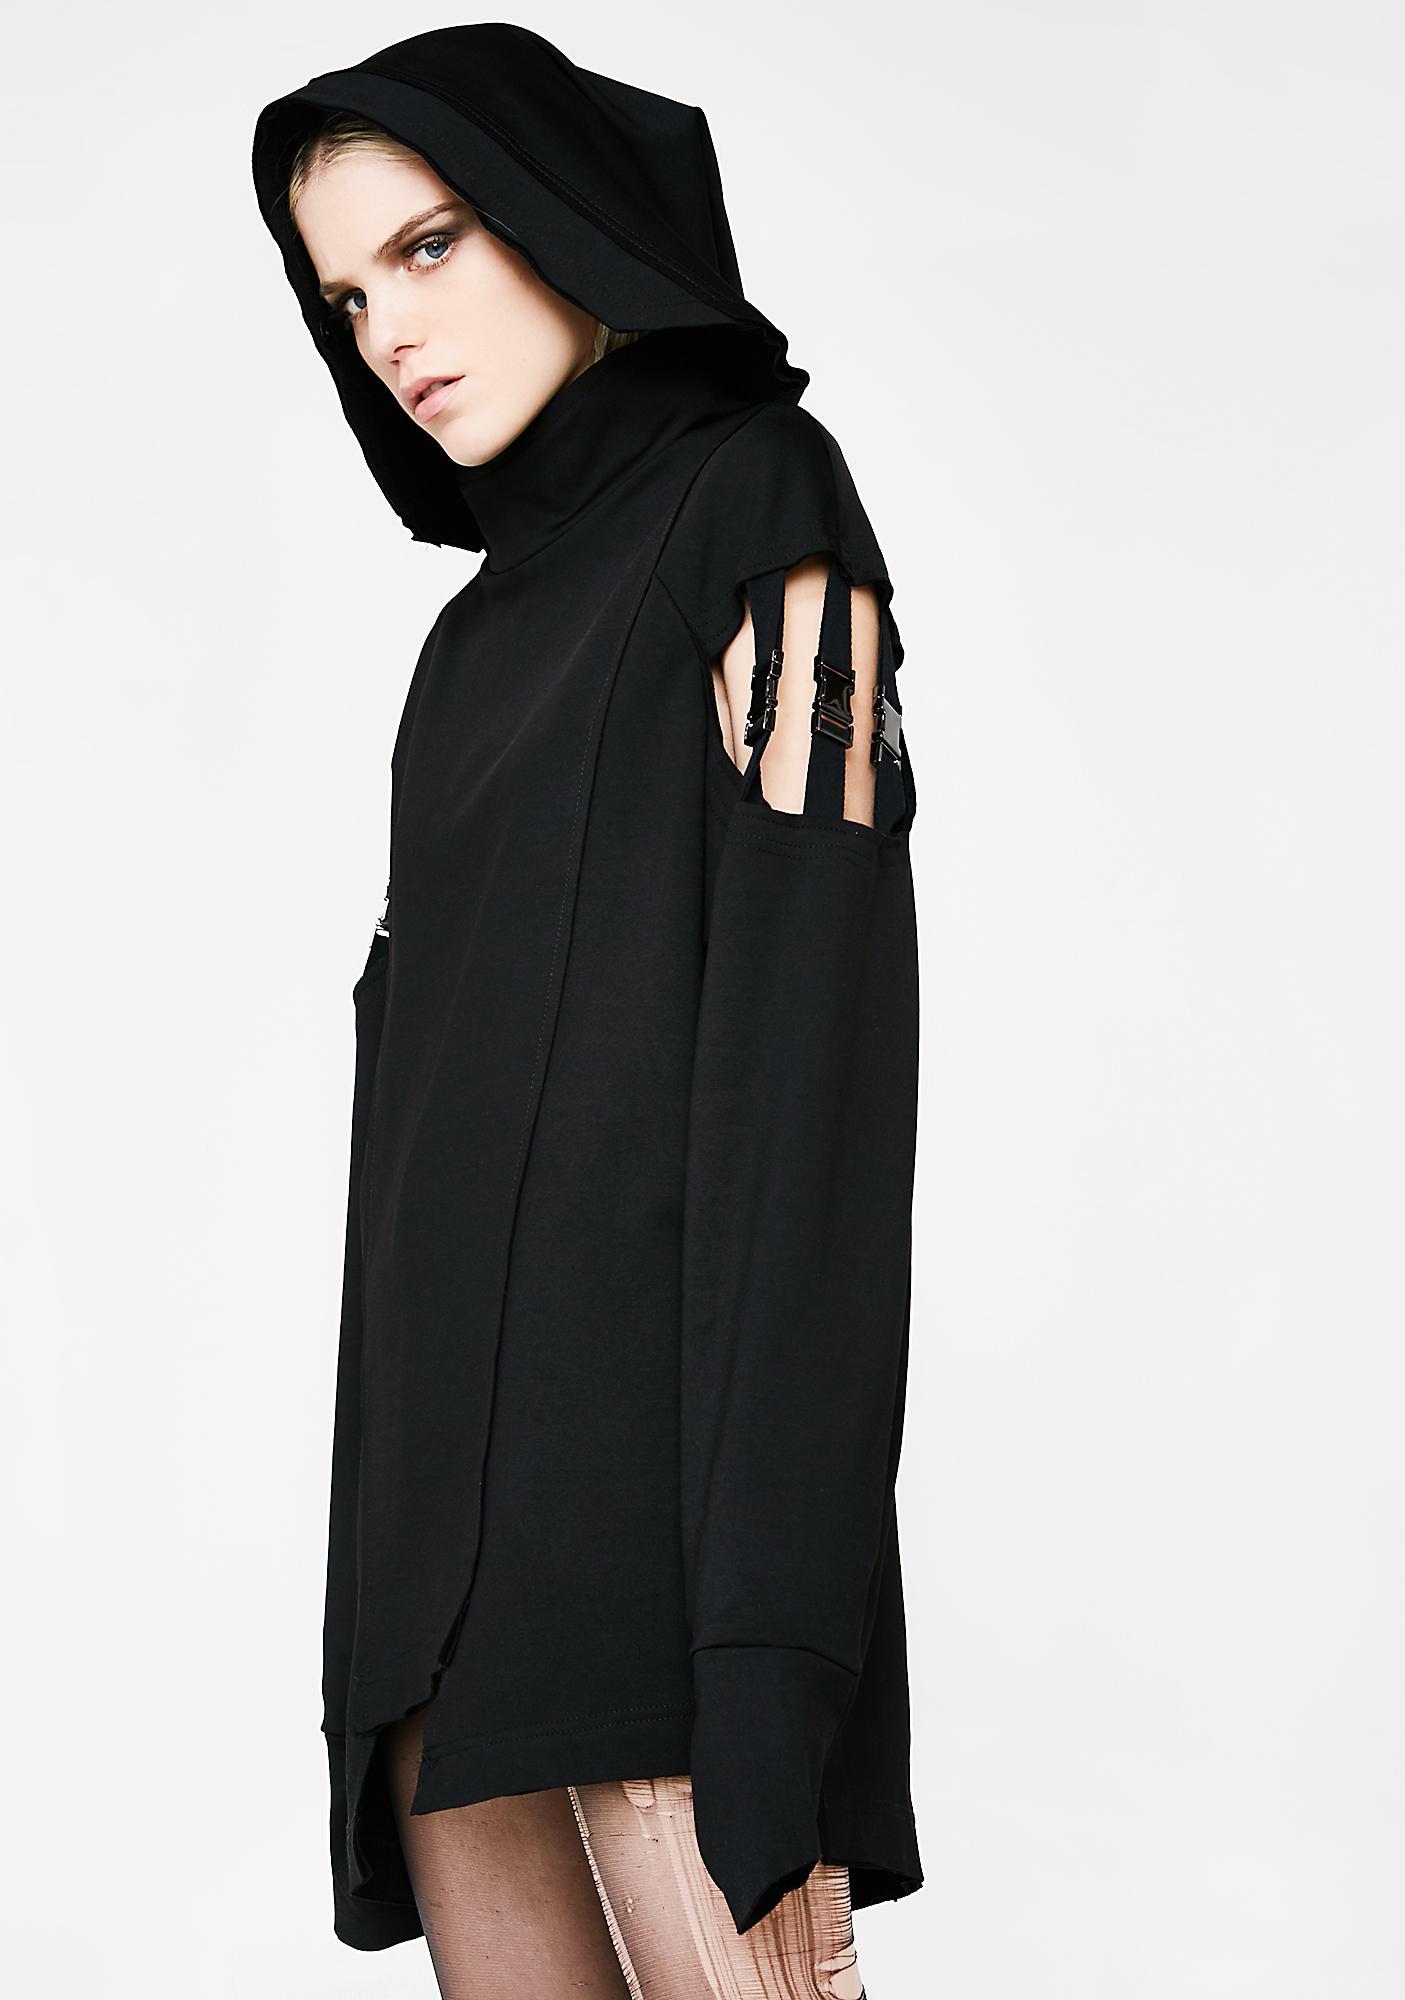 Punk Rave Punk Segmented Sleeve Hoodie